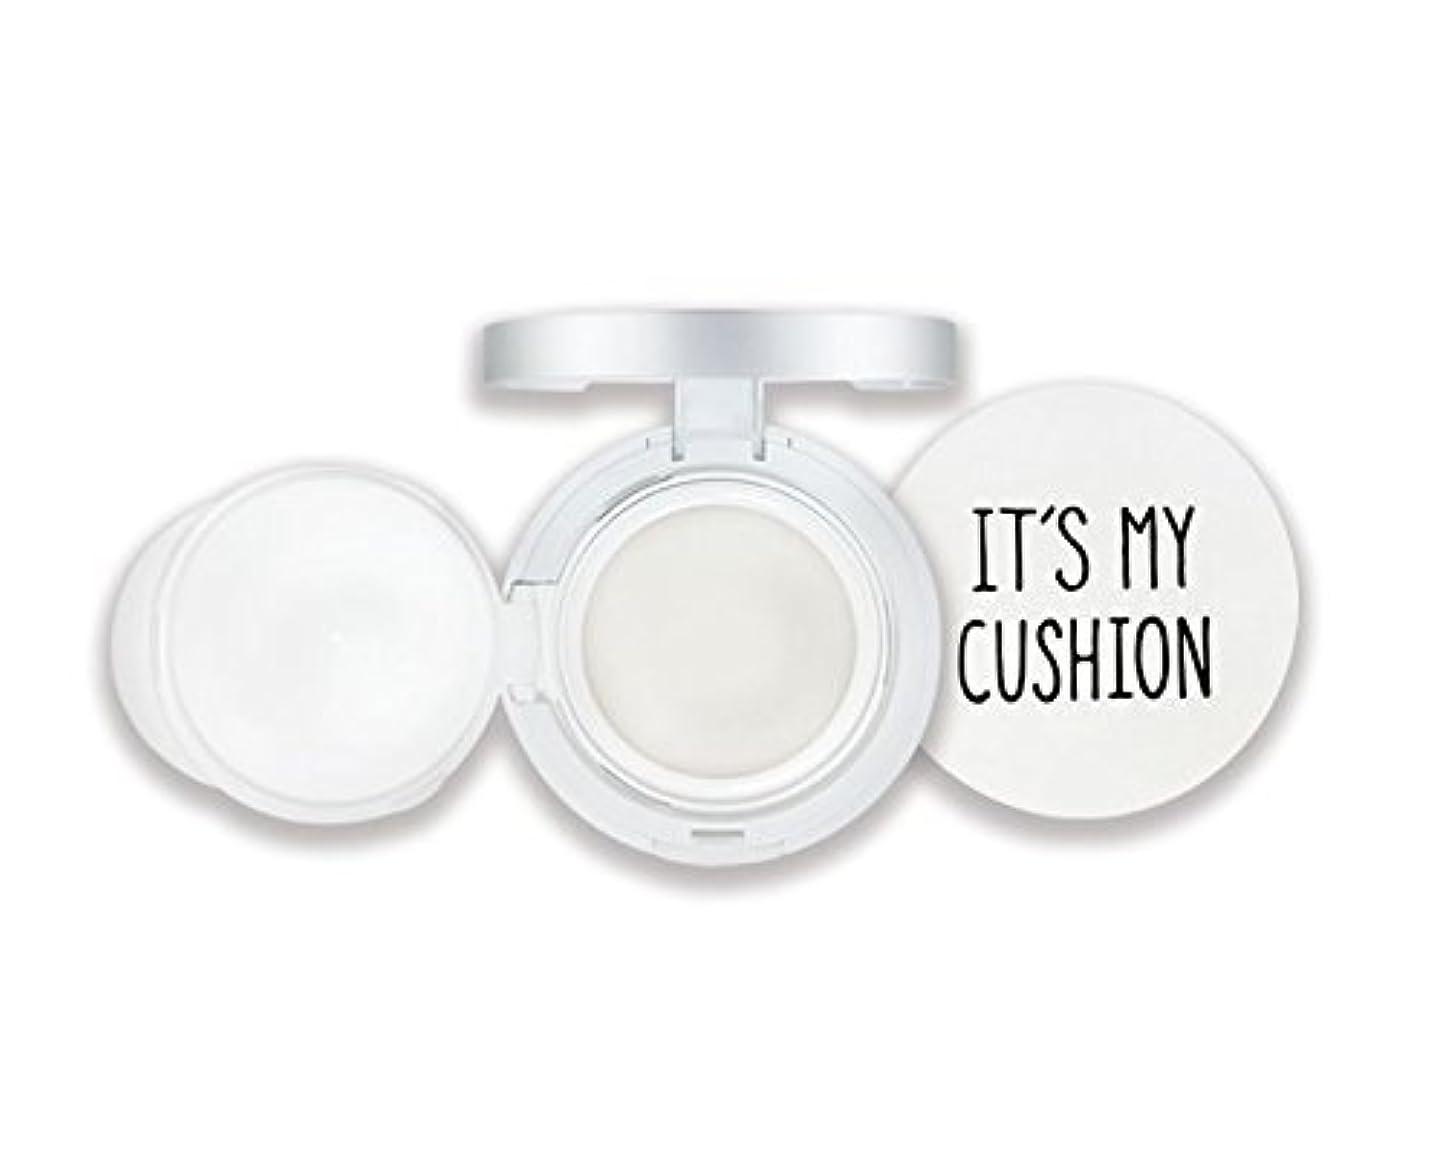 寄託言い換えるとブートIts My Cushion ケース DIY BB クッションパクト コスメティックケース スポンジ付き、 内部ケース、 自分で作るコスメティックケース (クッションケー スカラー : White Case) [並行輸入品]